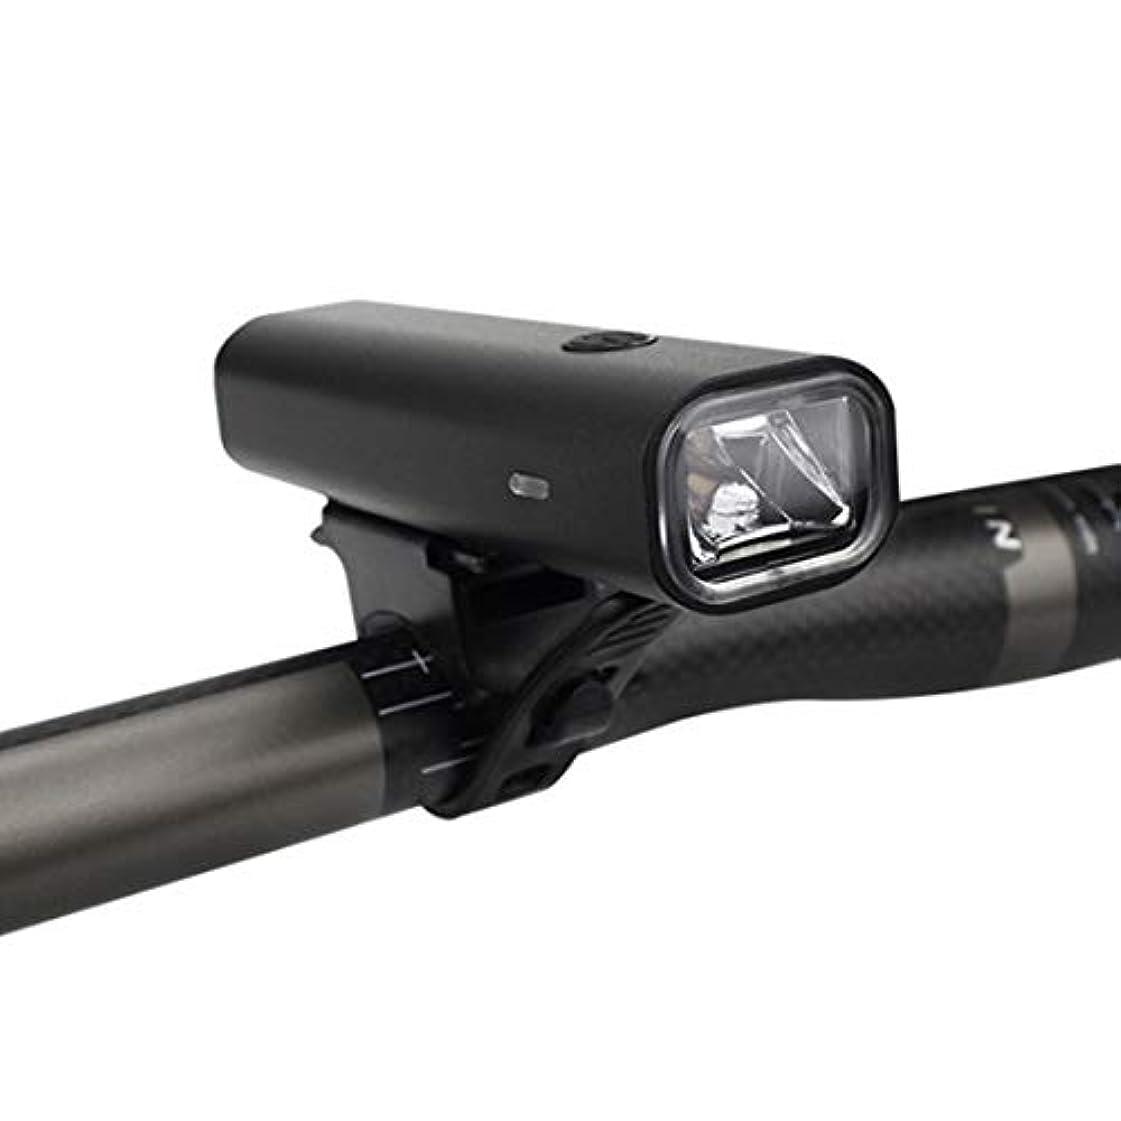 知覚できるなぜもう一度LilyAngel 自転車ライトヘッドライト懐中電灯グレア充電マウンテンバイクライトライディング機器